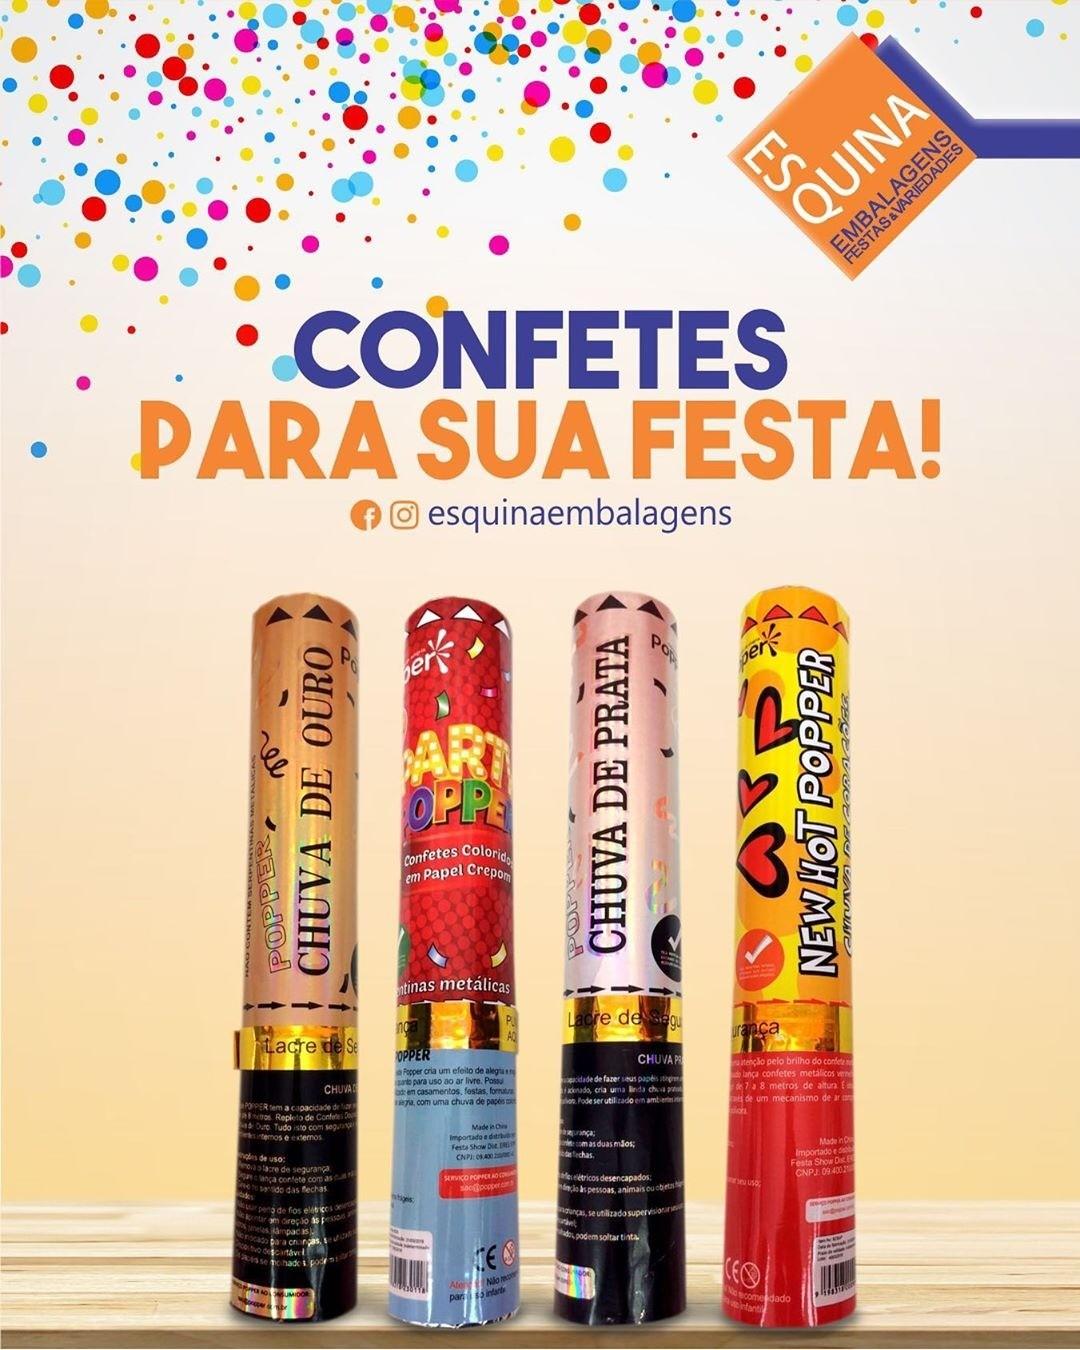 Variados tipos de confetes para a sua festa!